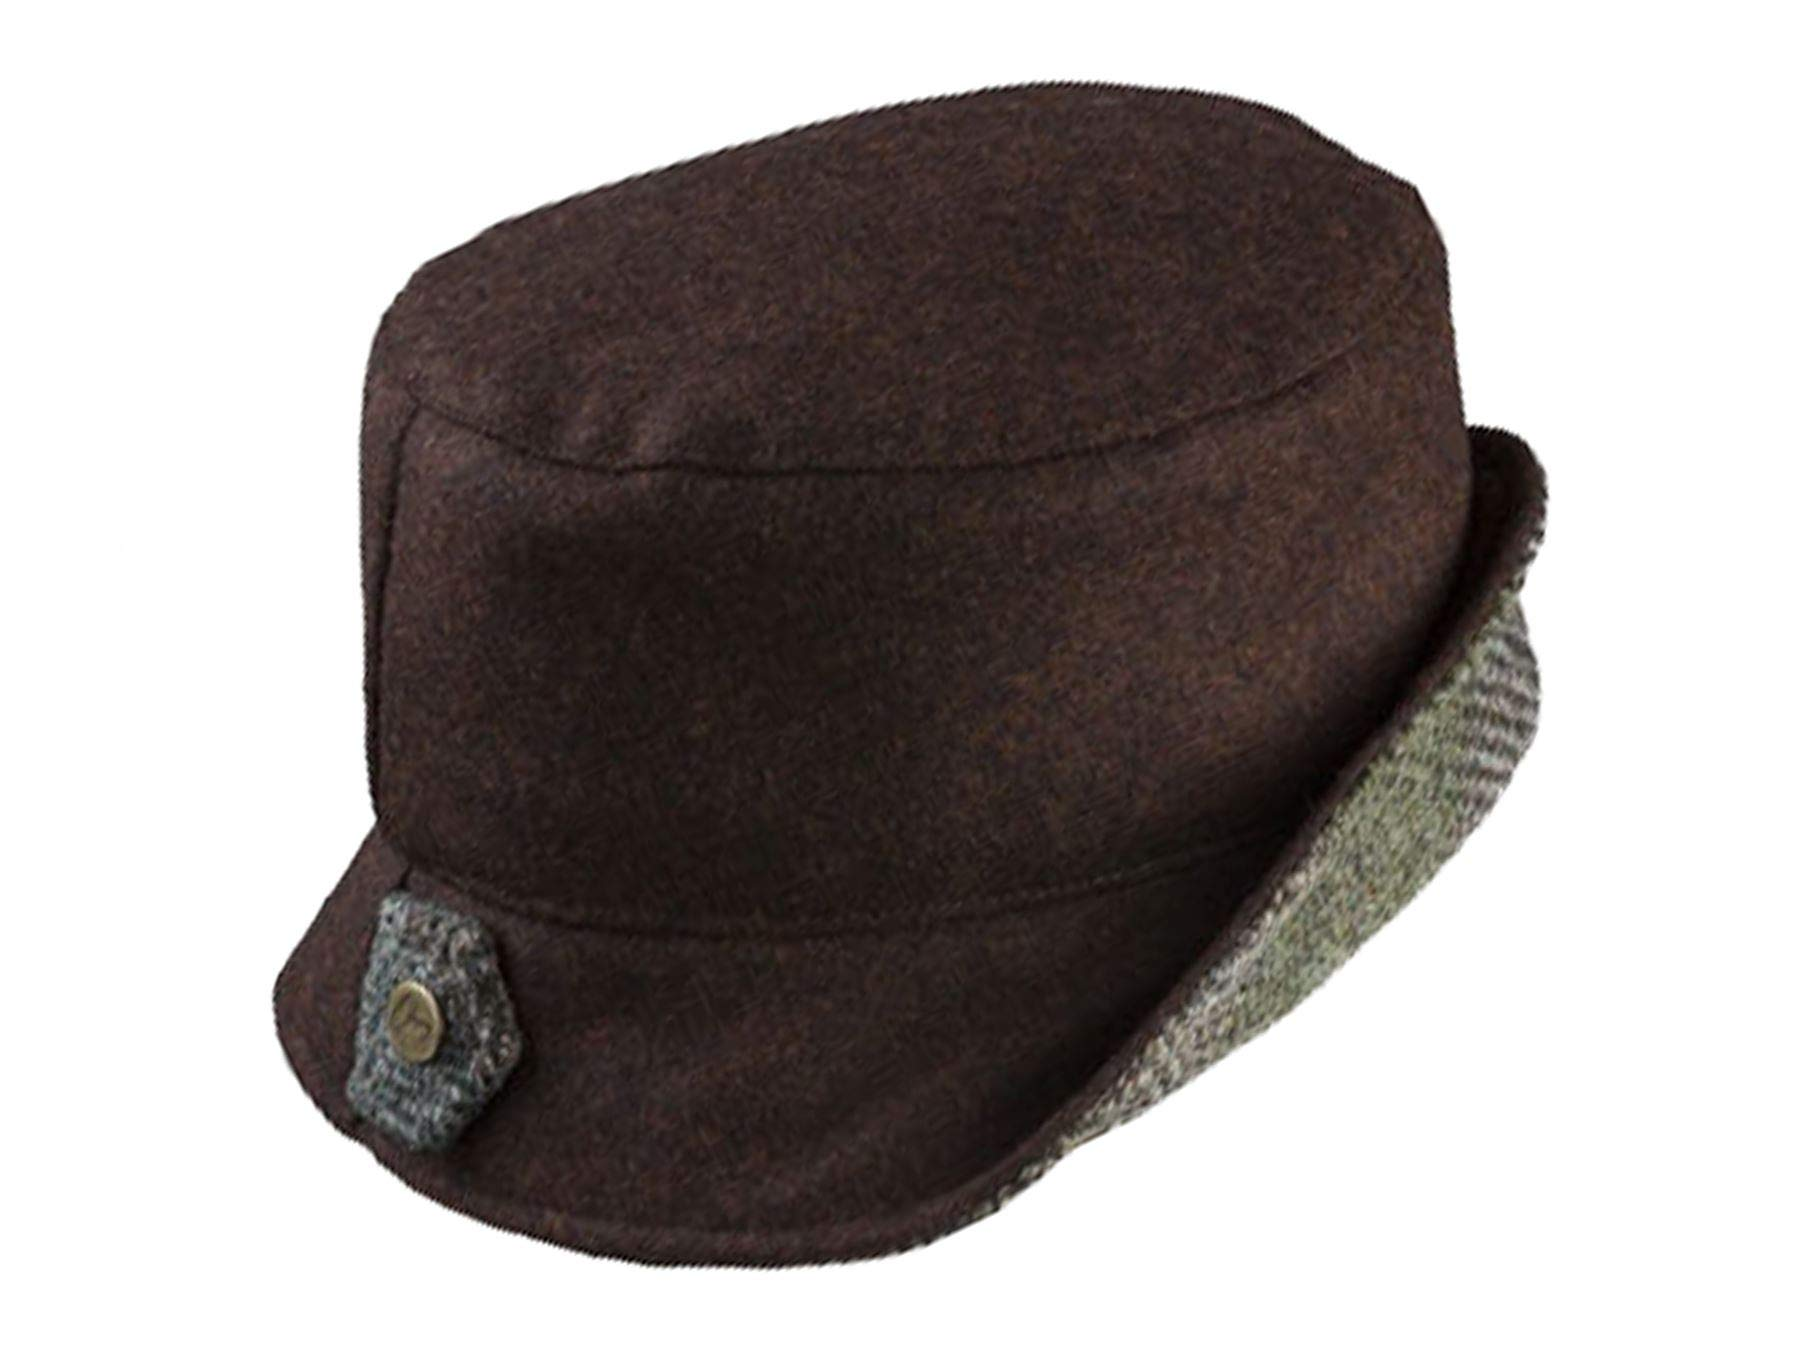 Olney Sara Ladies Wool Tweed Cloche Hat - Brown by Olney Hats